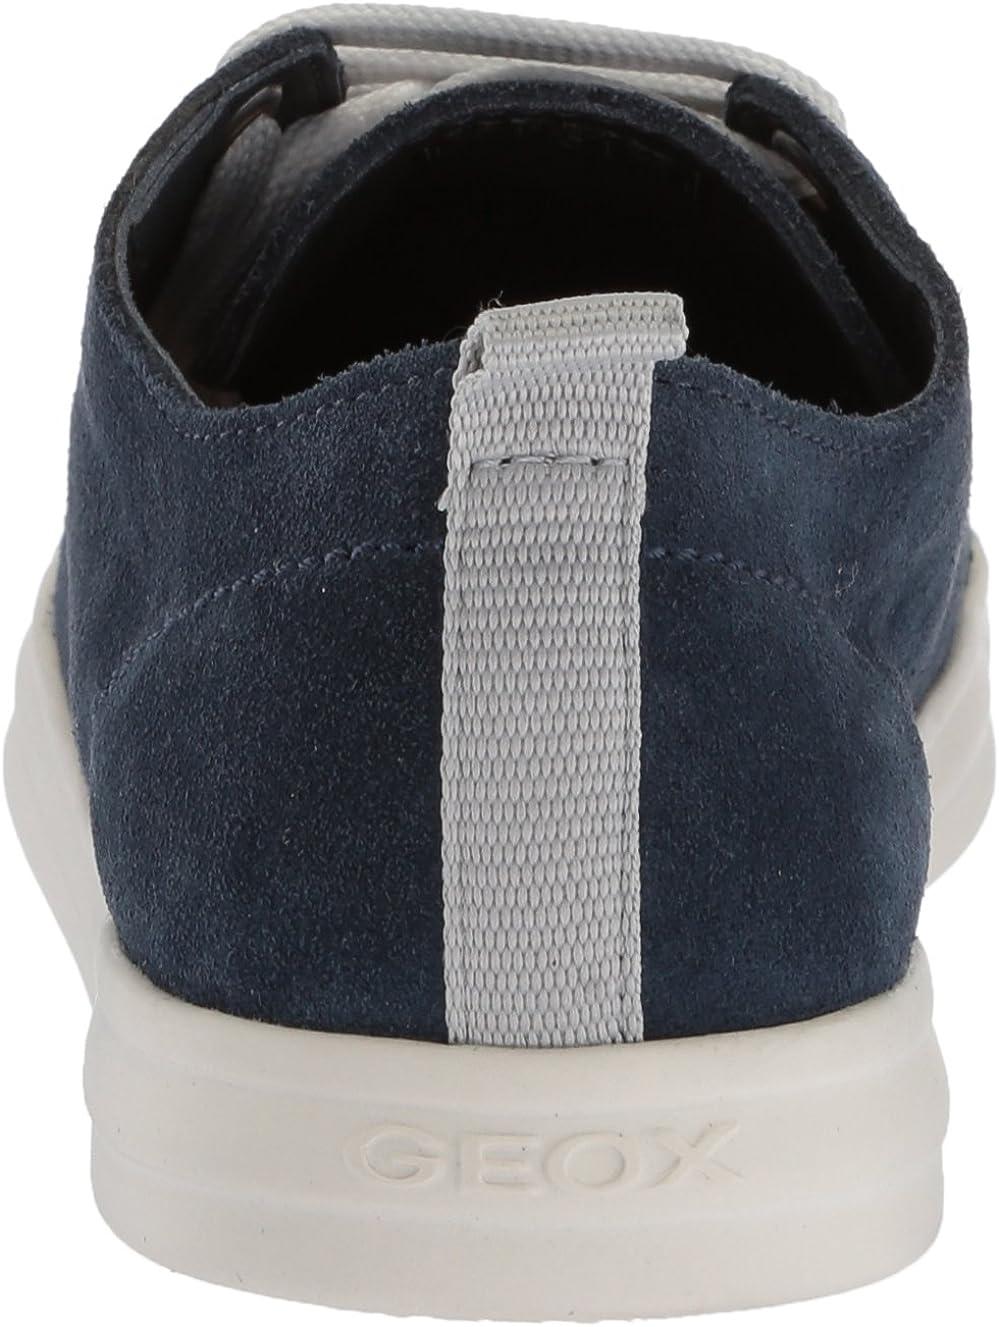 Geox Kids ANTHOR BOY 7 Sneaker